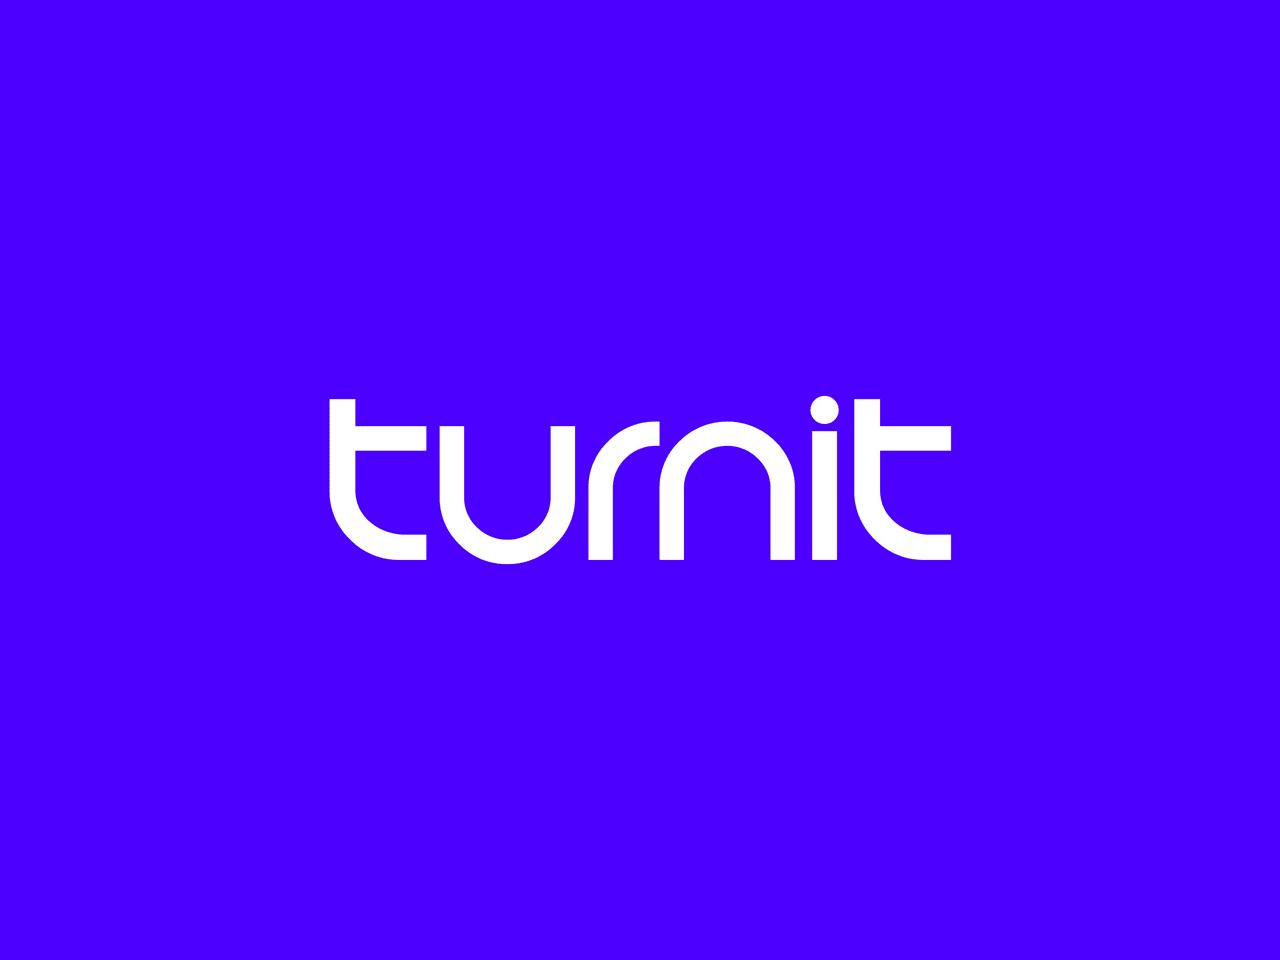 Turnit